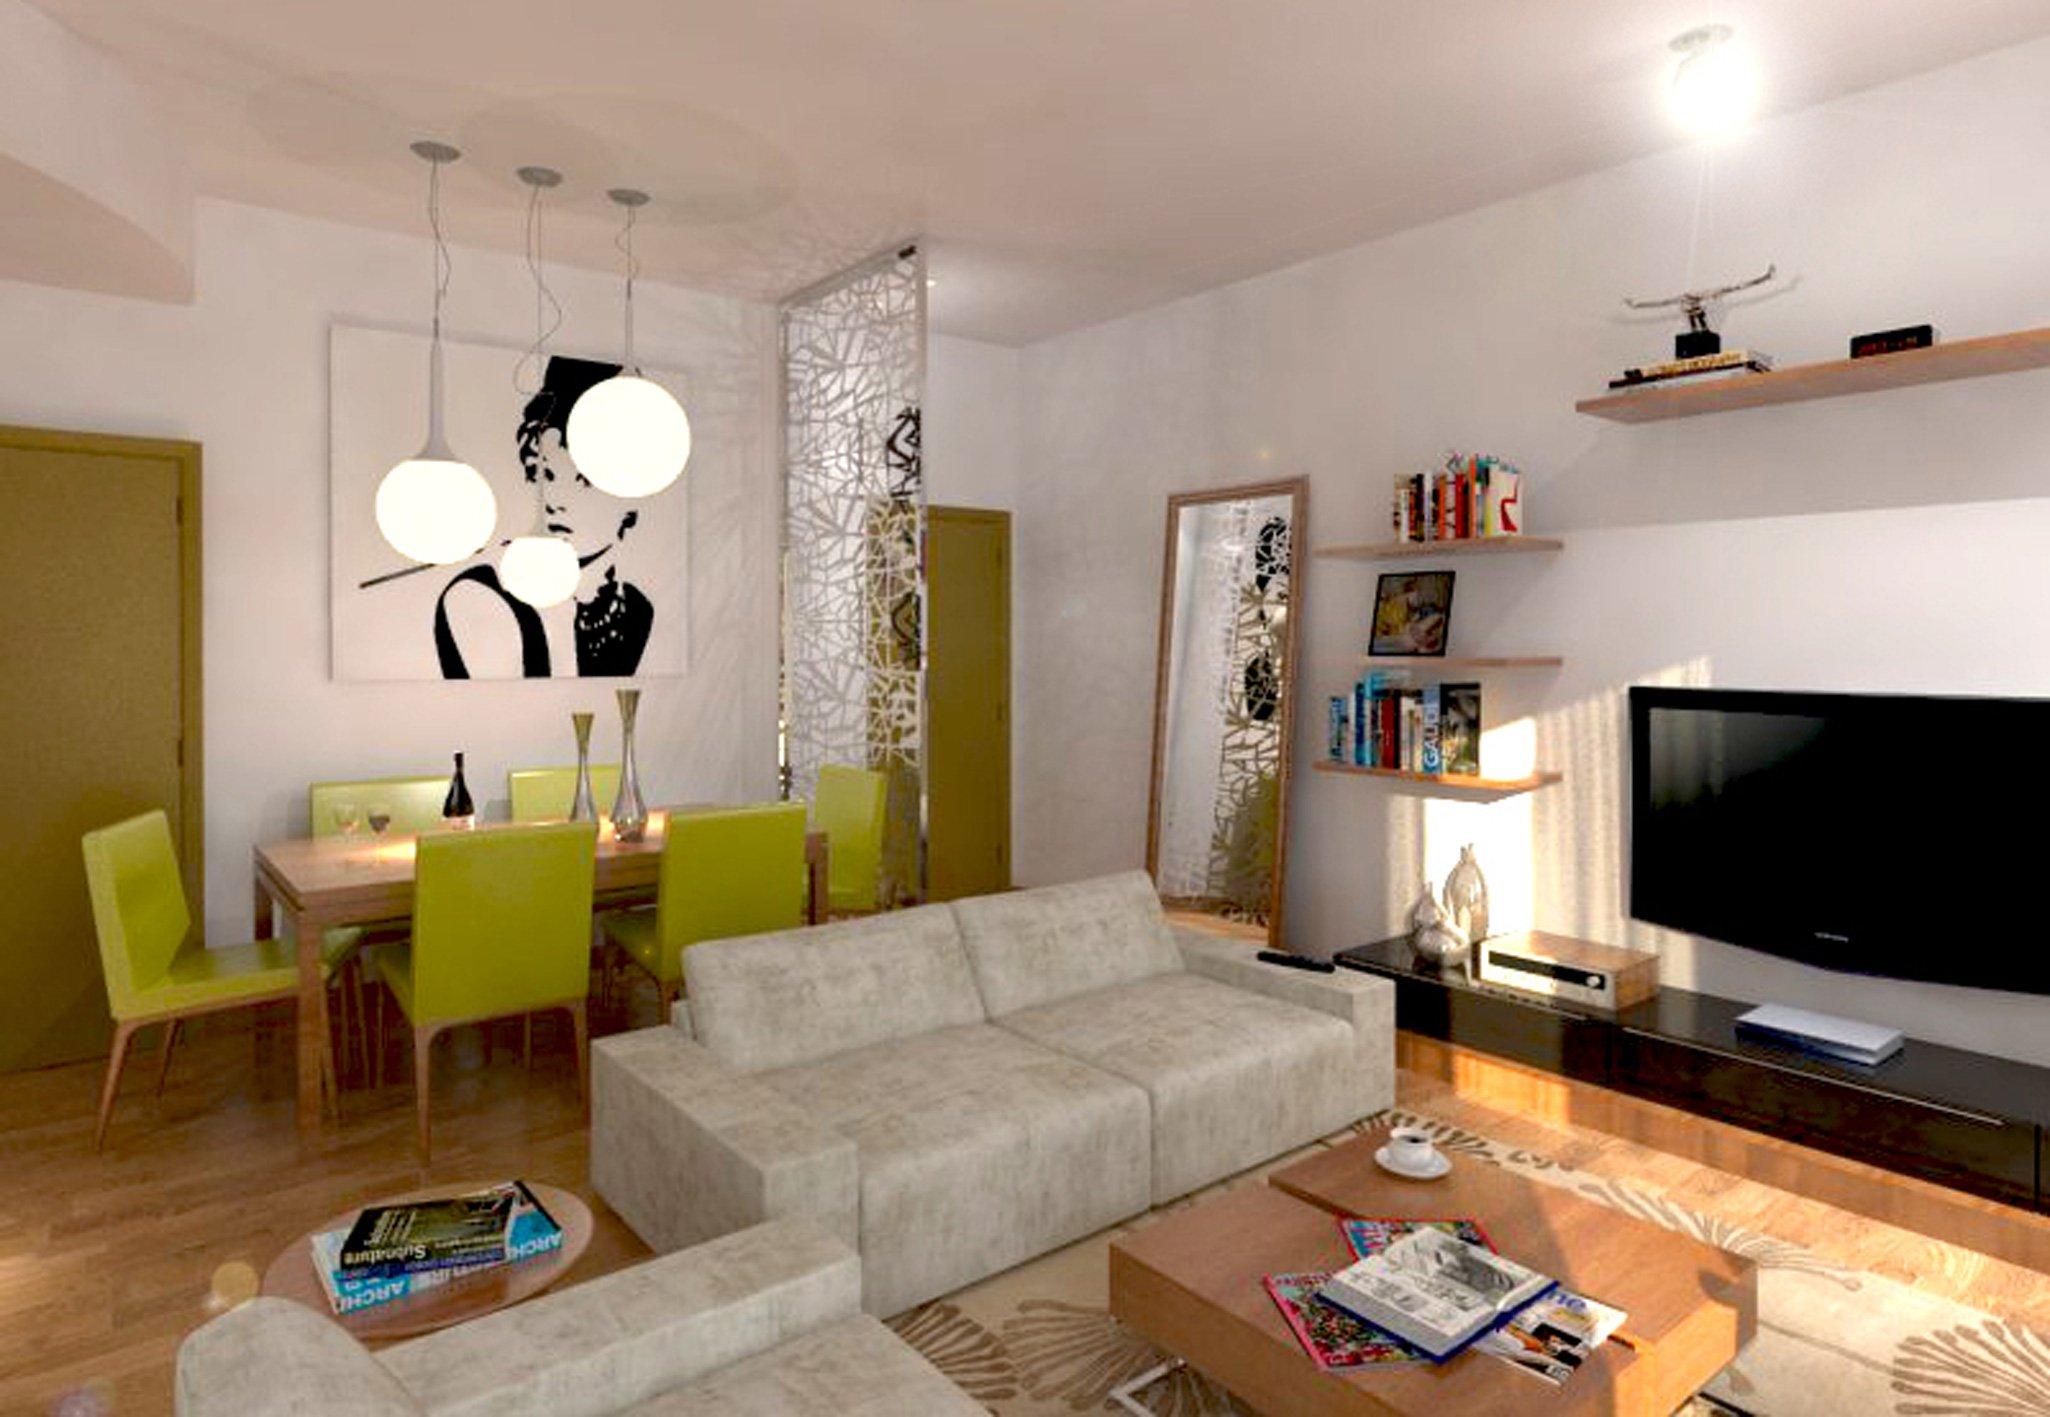 Cosa Mettere Dietro Al Divano : Come dipingere o decorare la parete dietro il divano